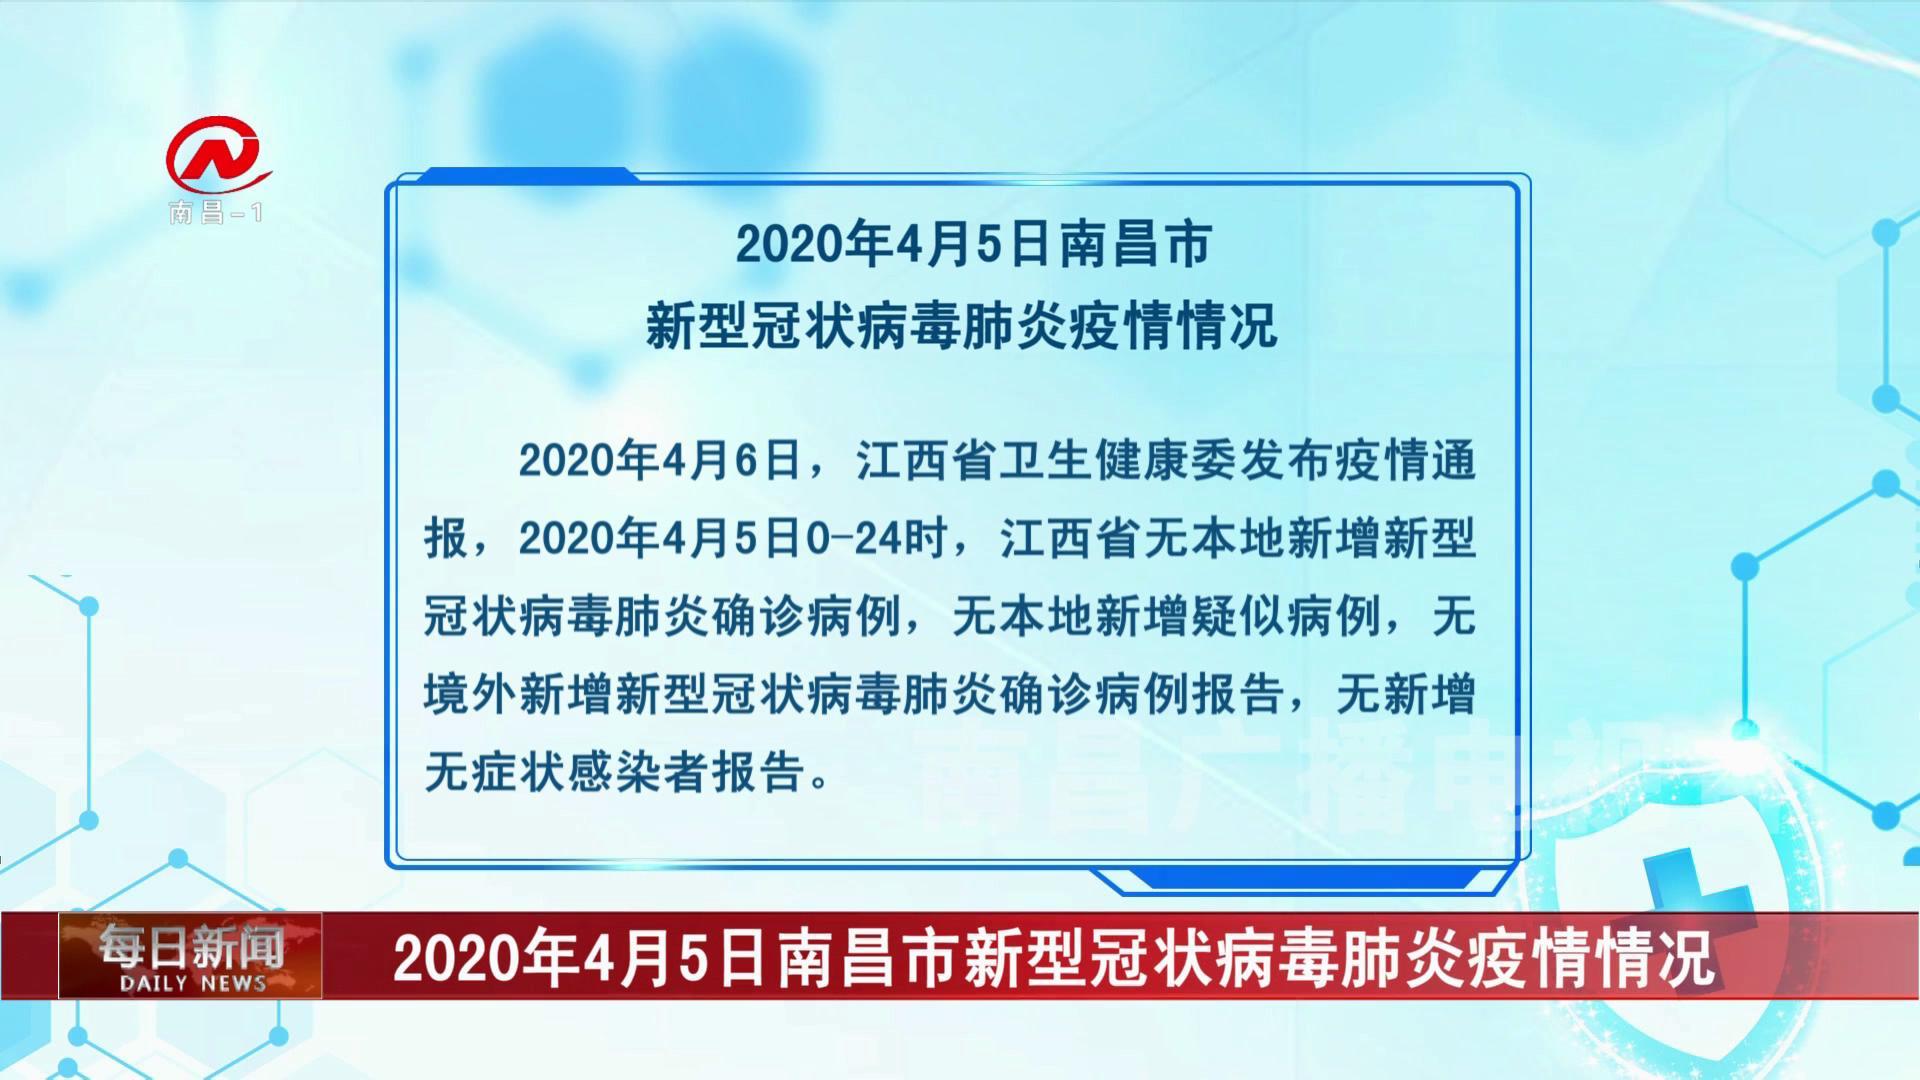 2020年4月5日南昌市新型冠状病毒肺炎疫情情况